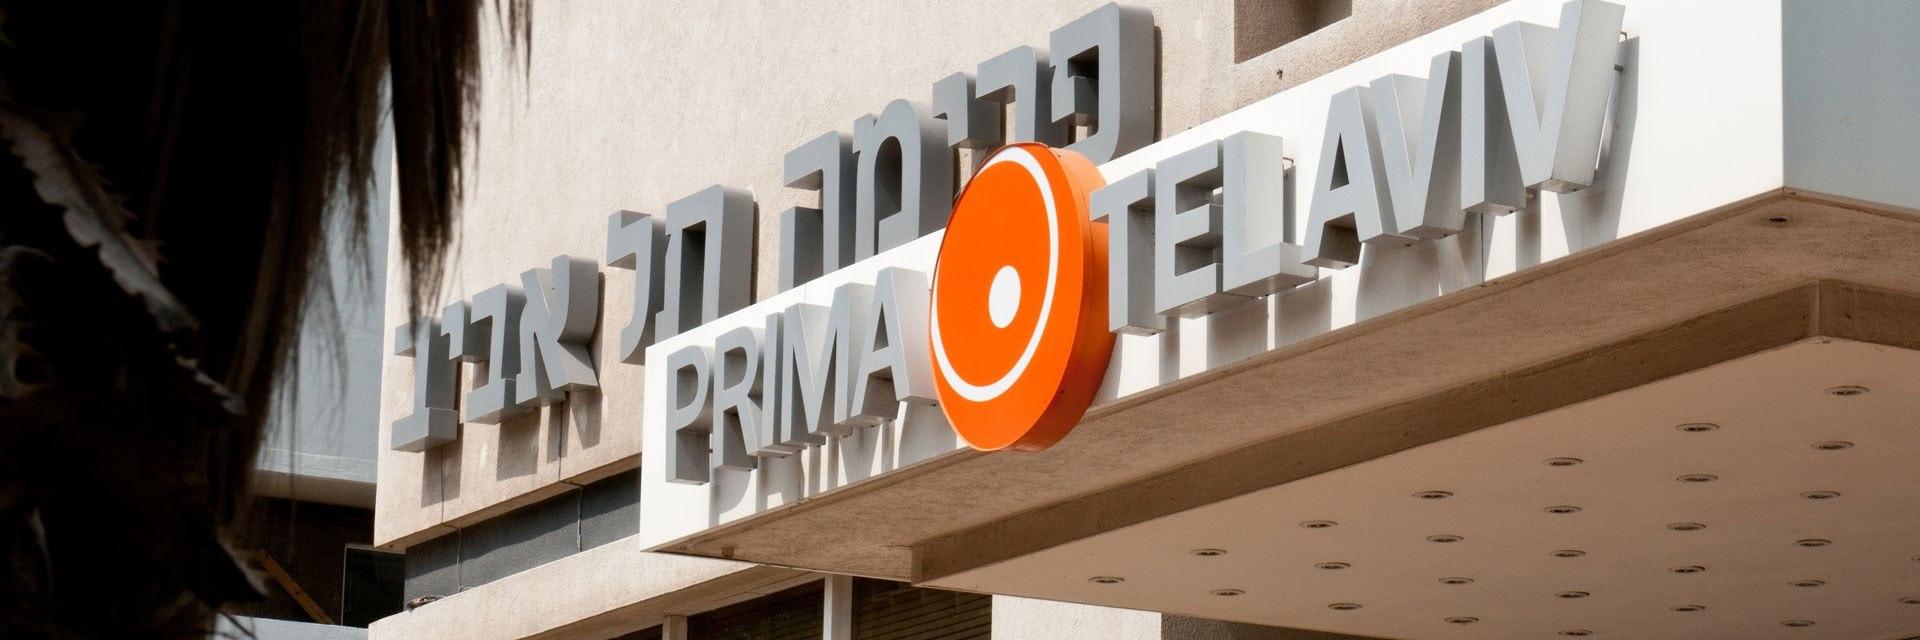 Prima-Tel-Aviv-Hotel-View